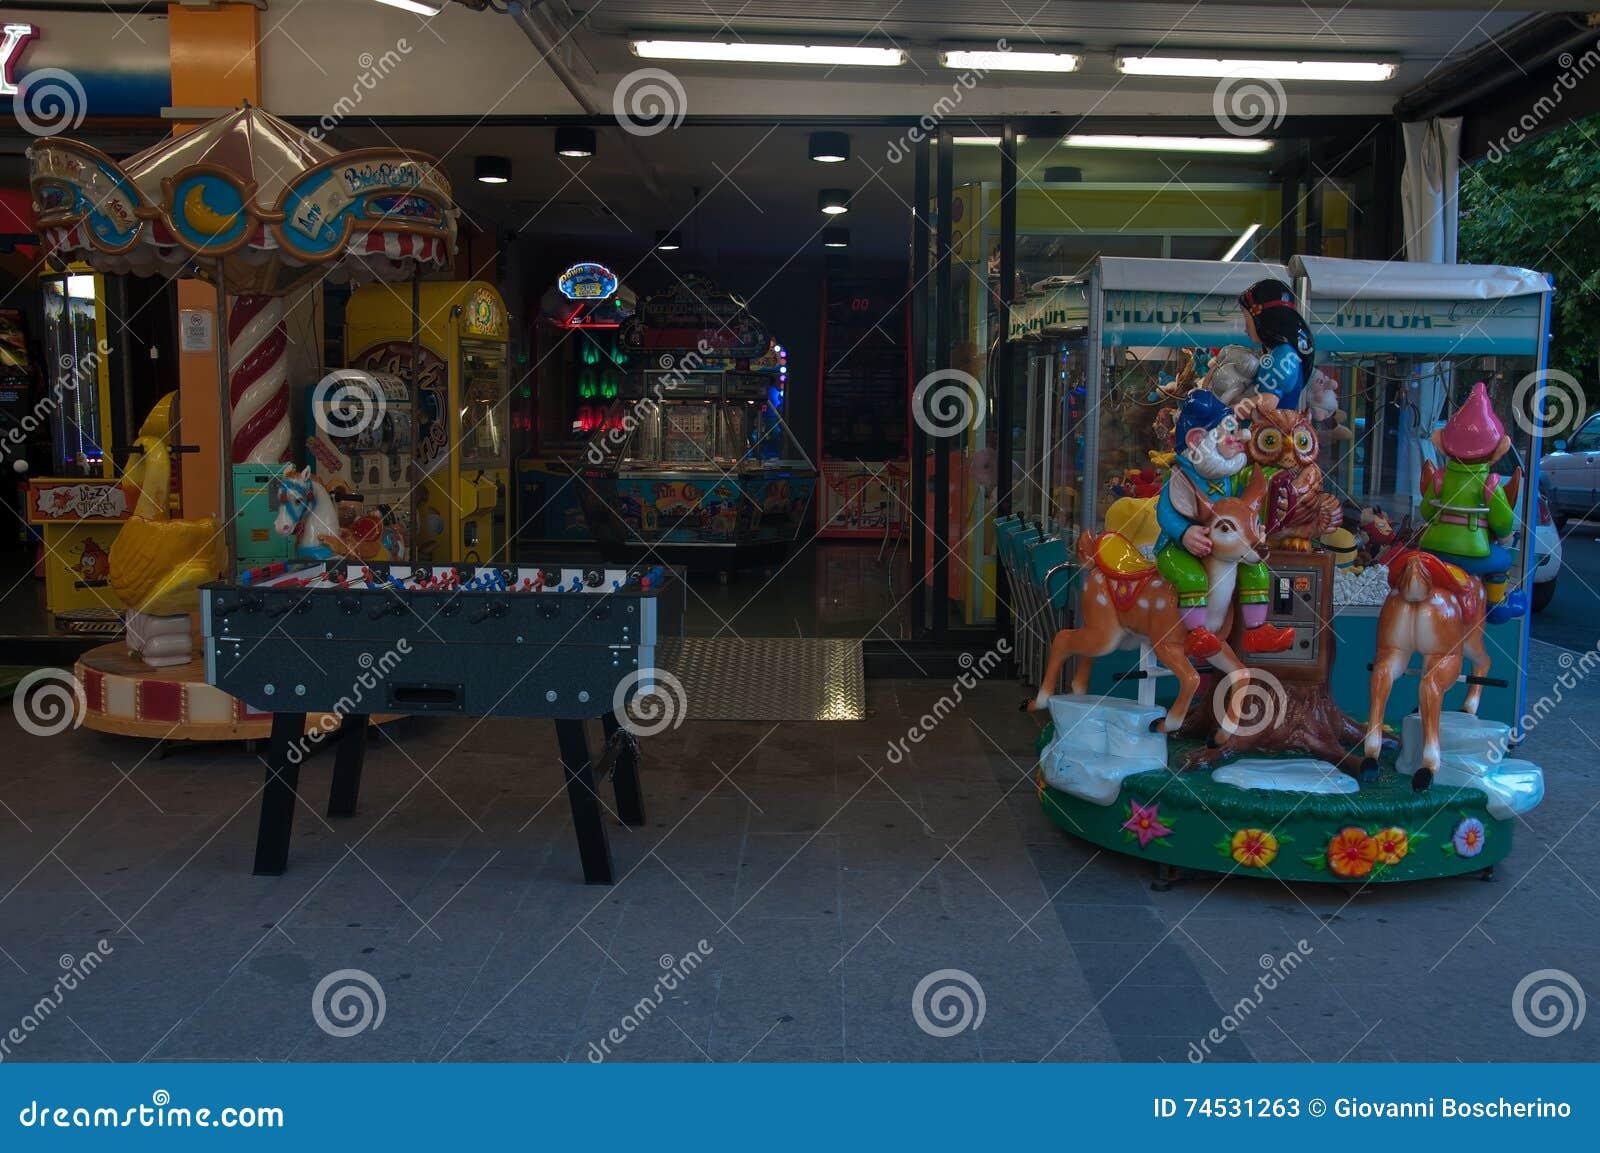 Juegos Electronicos Para Los Ninos En Un Riccione De La Calle Foto